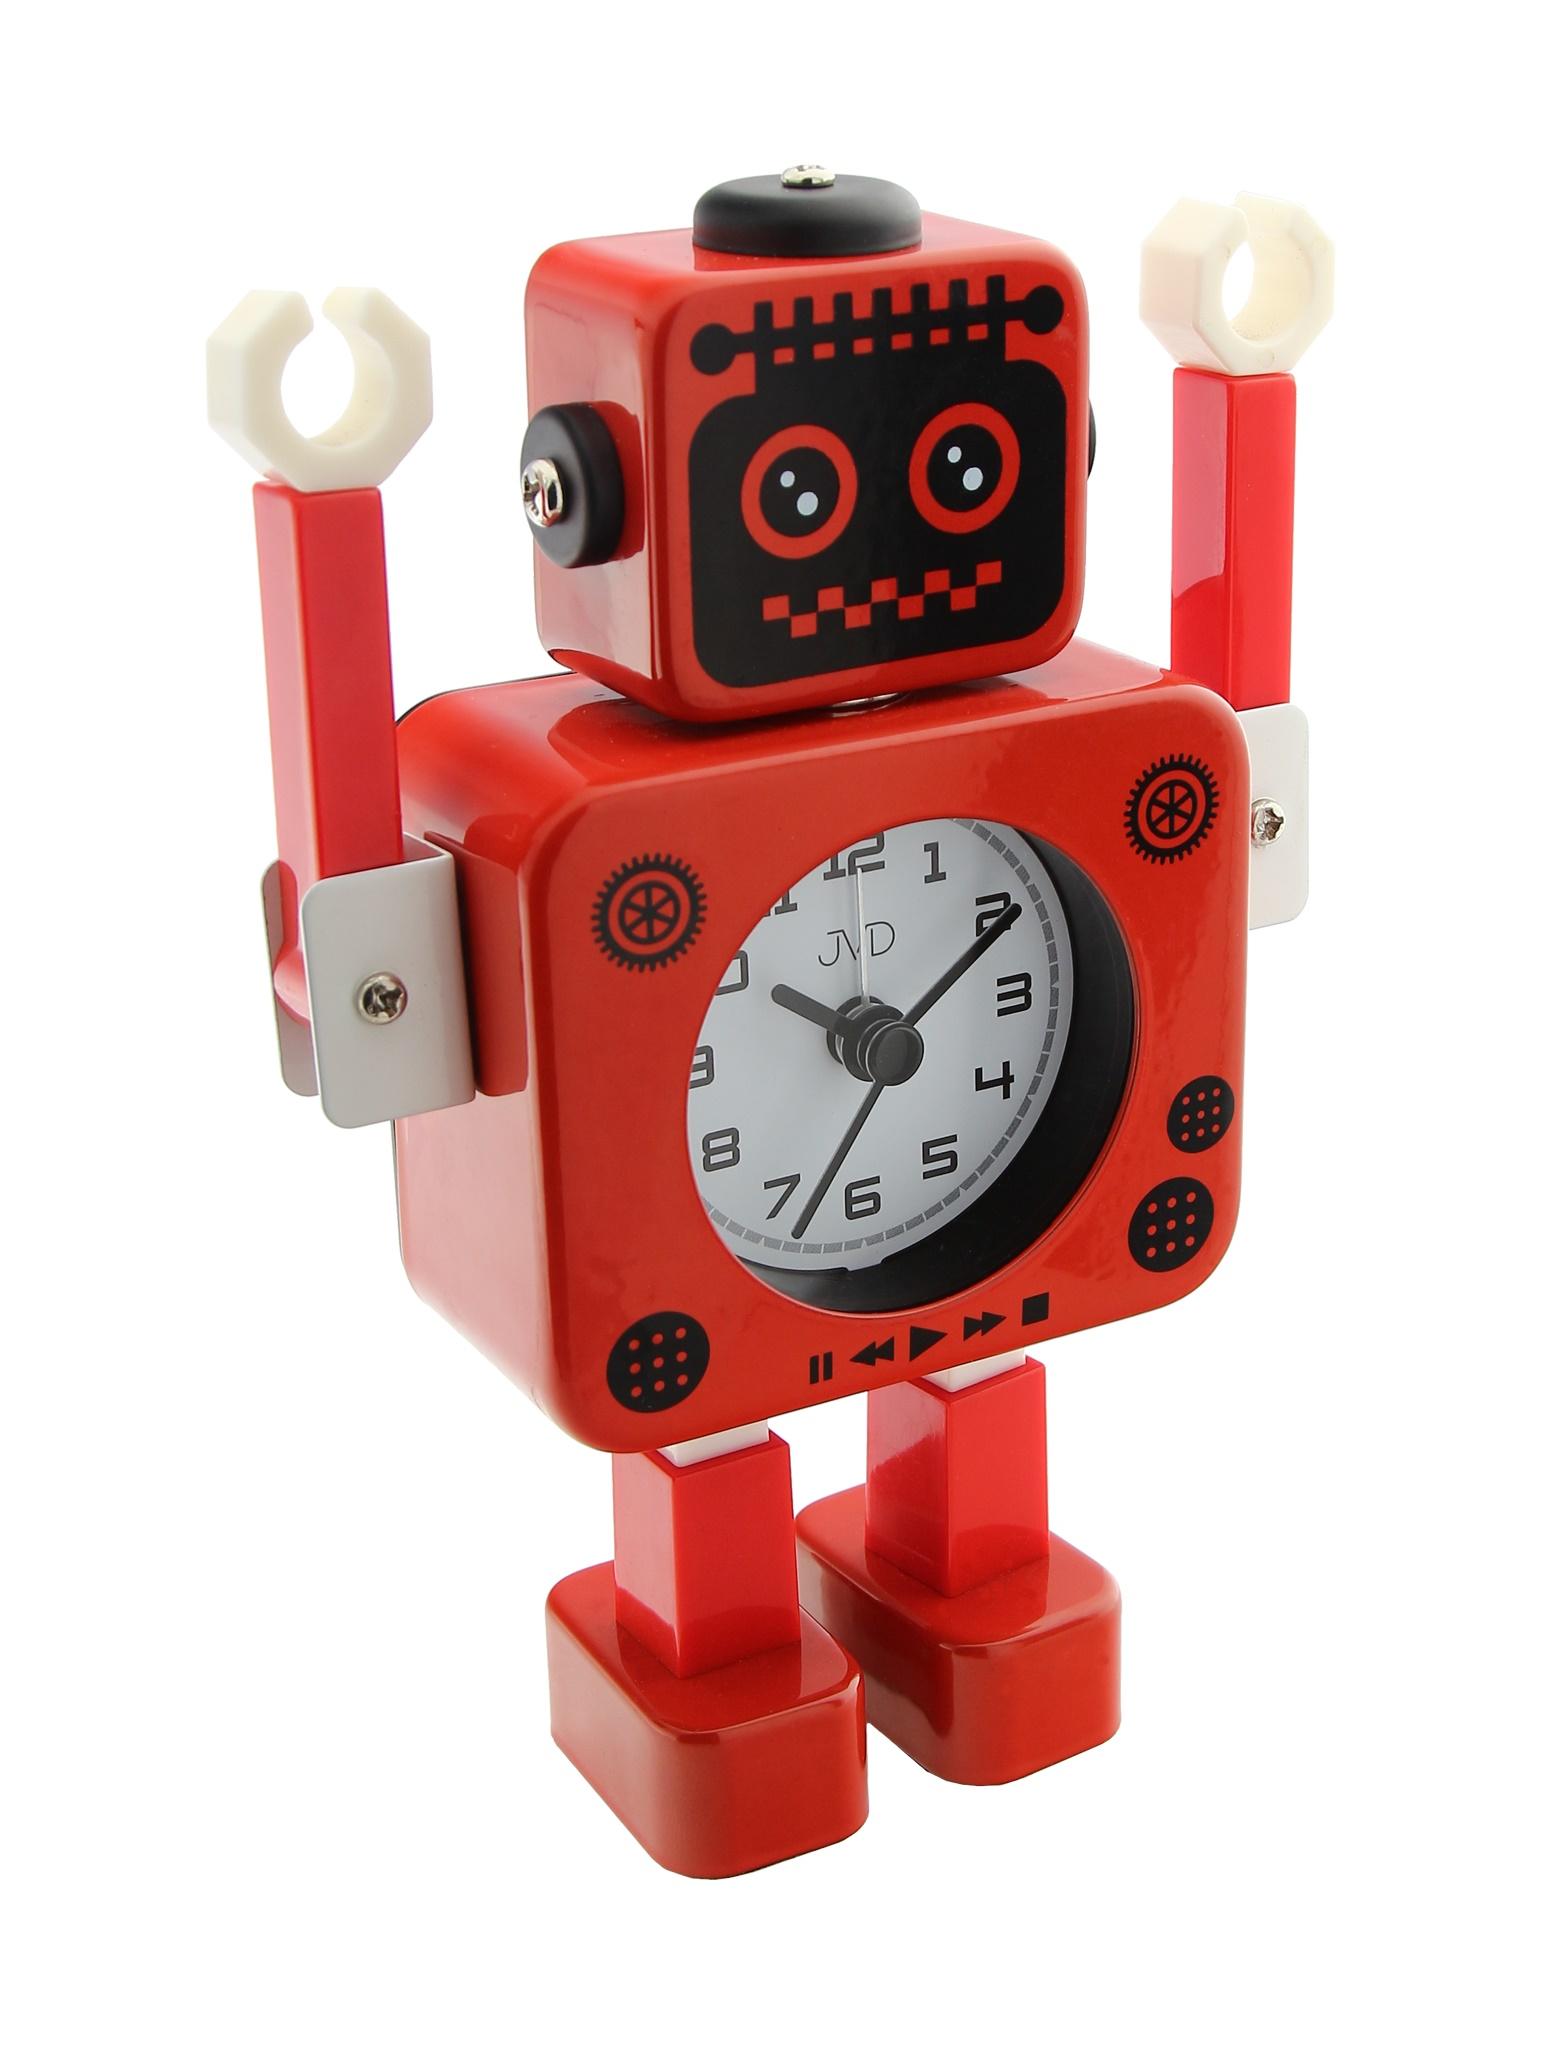 Dětský budík JVD ROBOT SRP2312.4